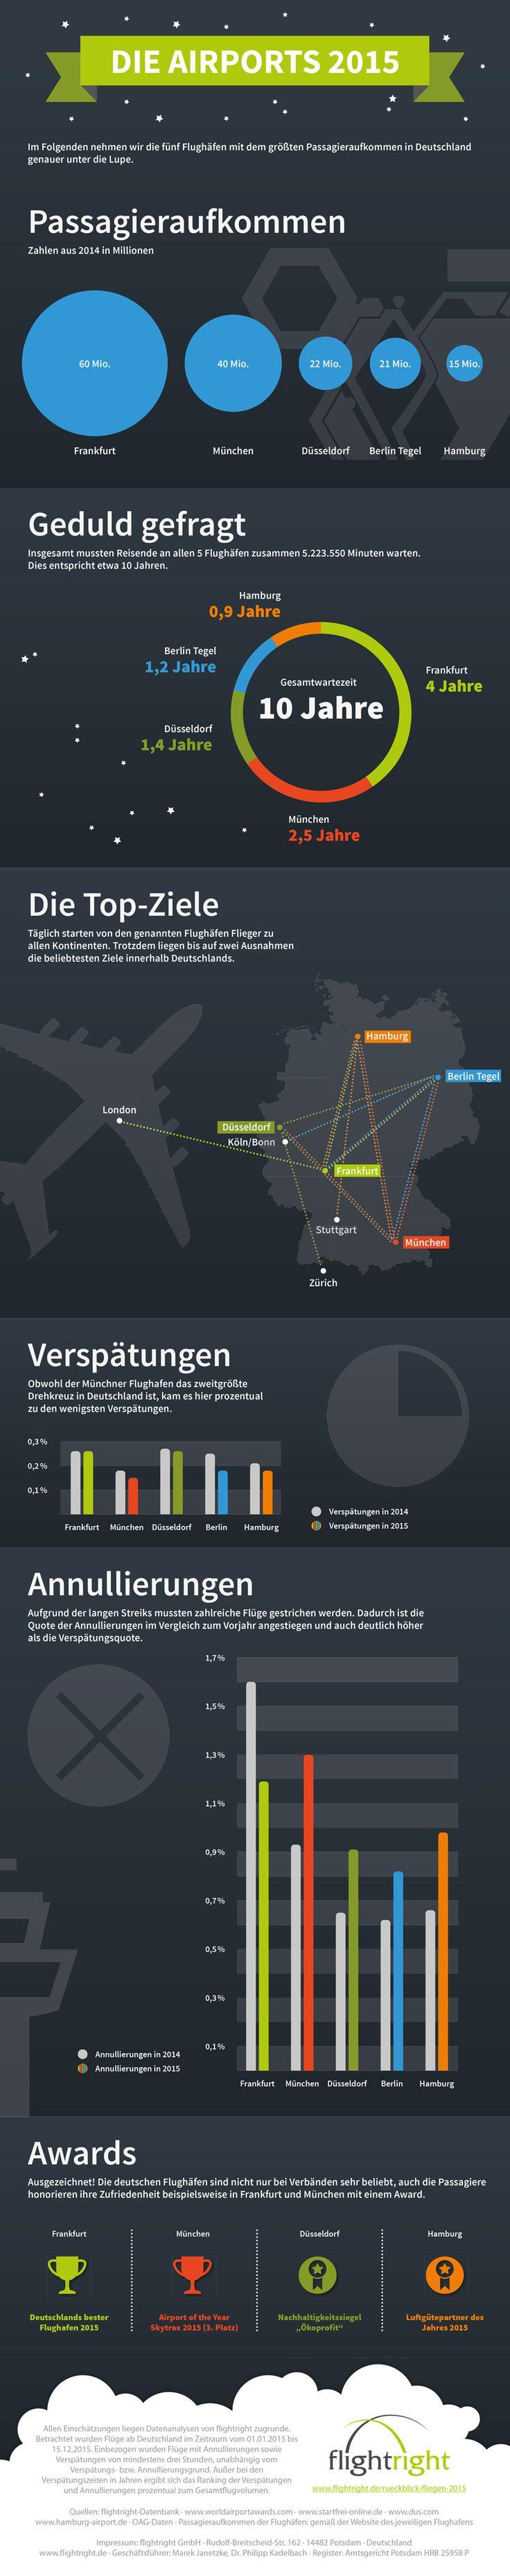 Von anstrengend bis ausgezeichnet – das Wichtigste zu Deutschlands größten Flughäfen. #airports #passagiere #flugverspätung #entschädigung #verspätung #annullierung #awards #hamburgairport #berlintegel #flughafendüsseldorf #frankfurtairport #flughafenmünchen #flightright #infografik #infographic